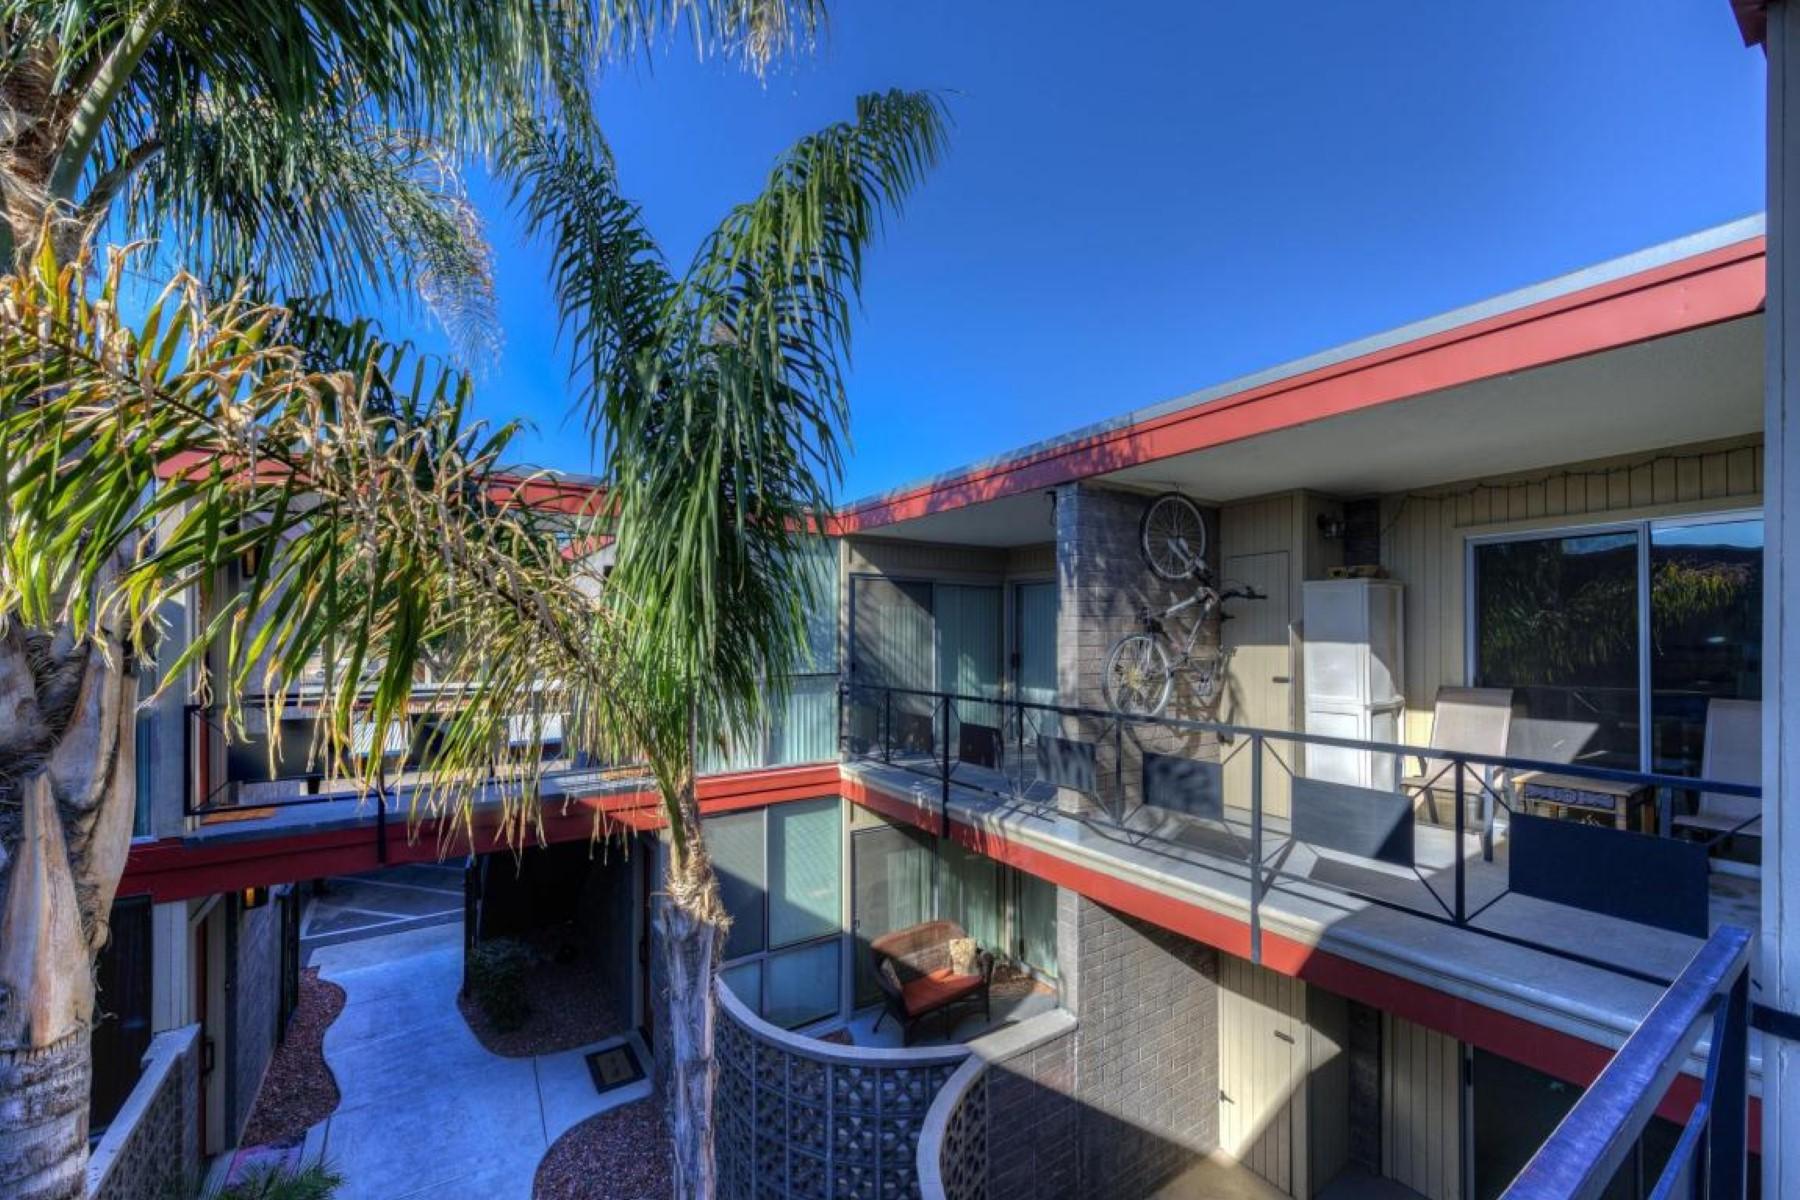 Appartement pour l Vente à Experience boutique living in this mid-century modern luxury condominium 1225 E Medlock Dr #202 Phoenix, Arizona, 85014 États-Unis